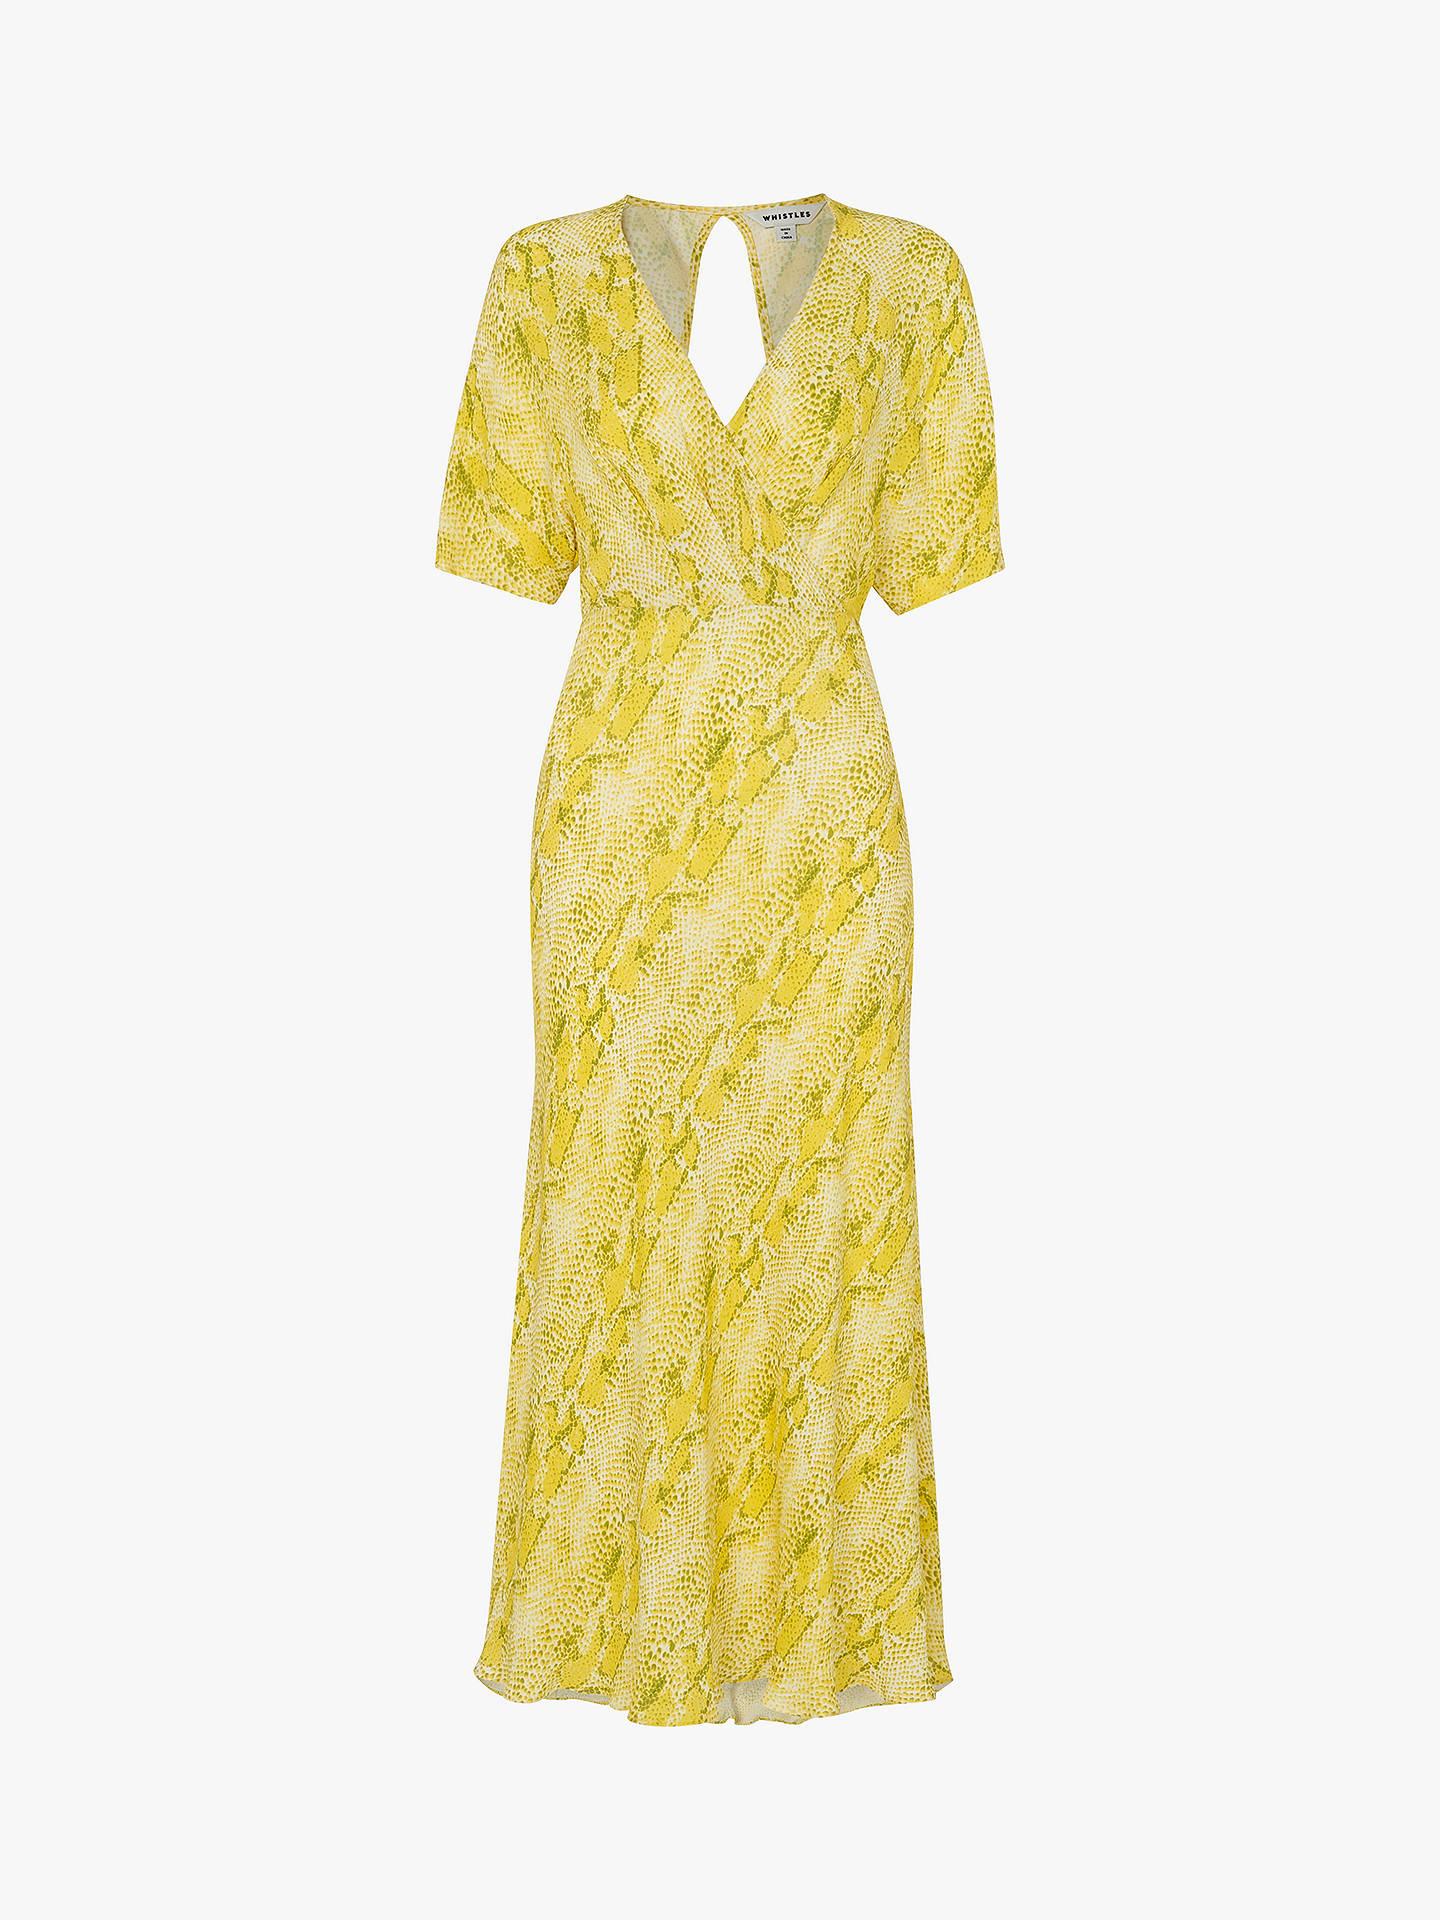 Whistles Python Print Midi Dress, Yellow/Multi